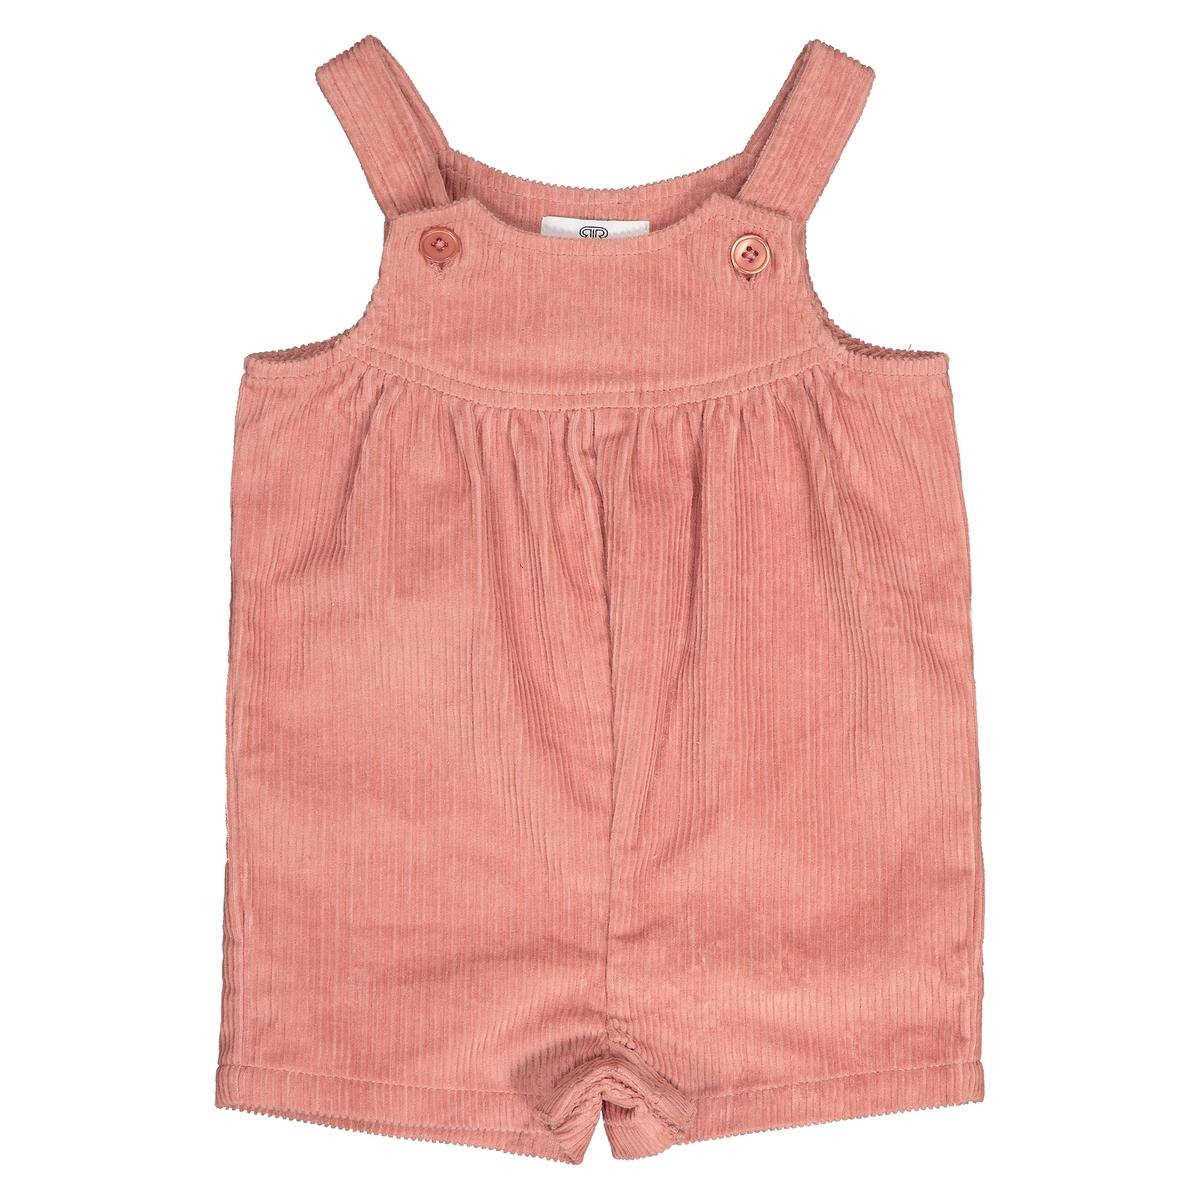 Комбинезон La Redoute Короткий из велюра мес - года 3 года - 94 см розовый платье la redoute из мольтона в полоску и тюля мес года 3 года 94 см розовый